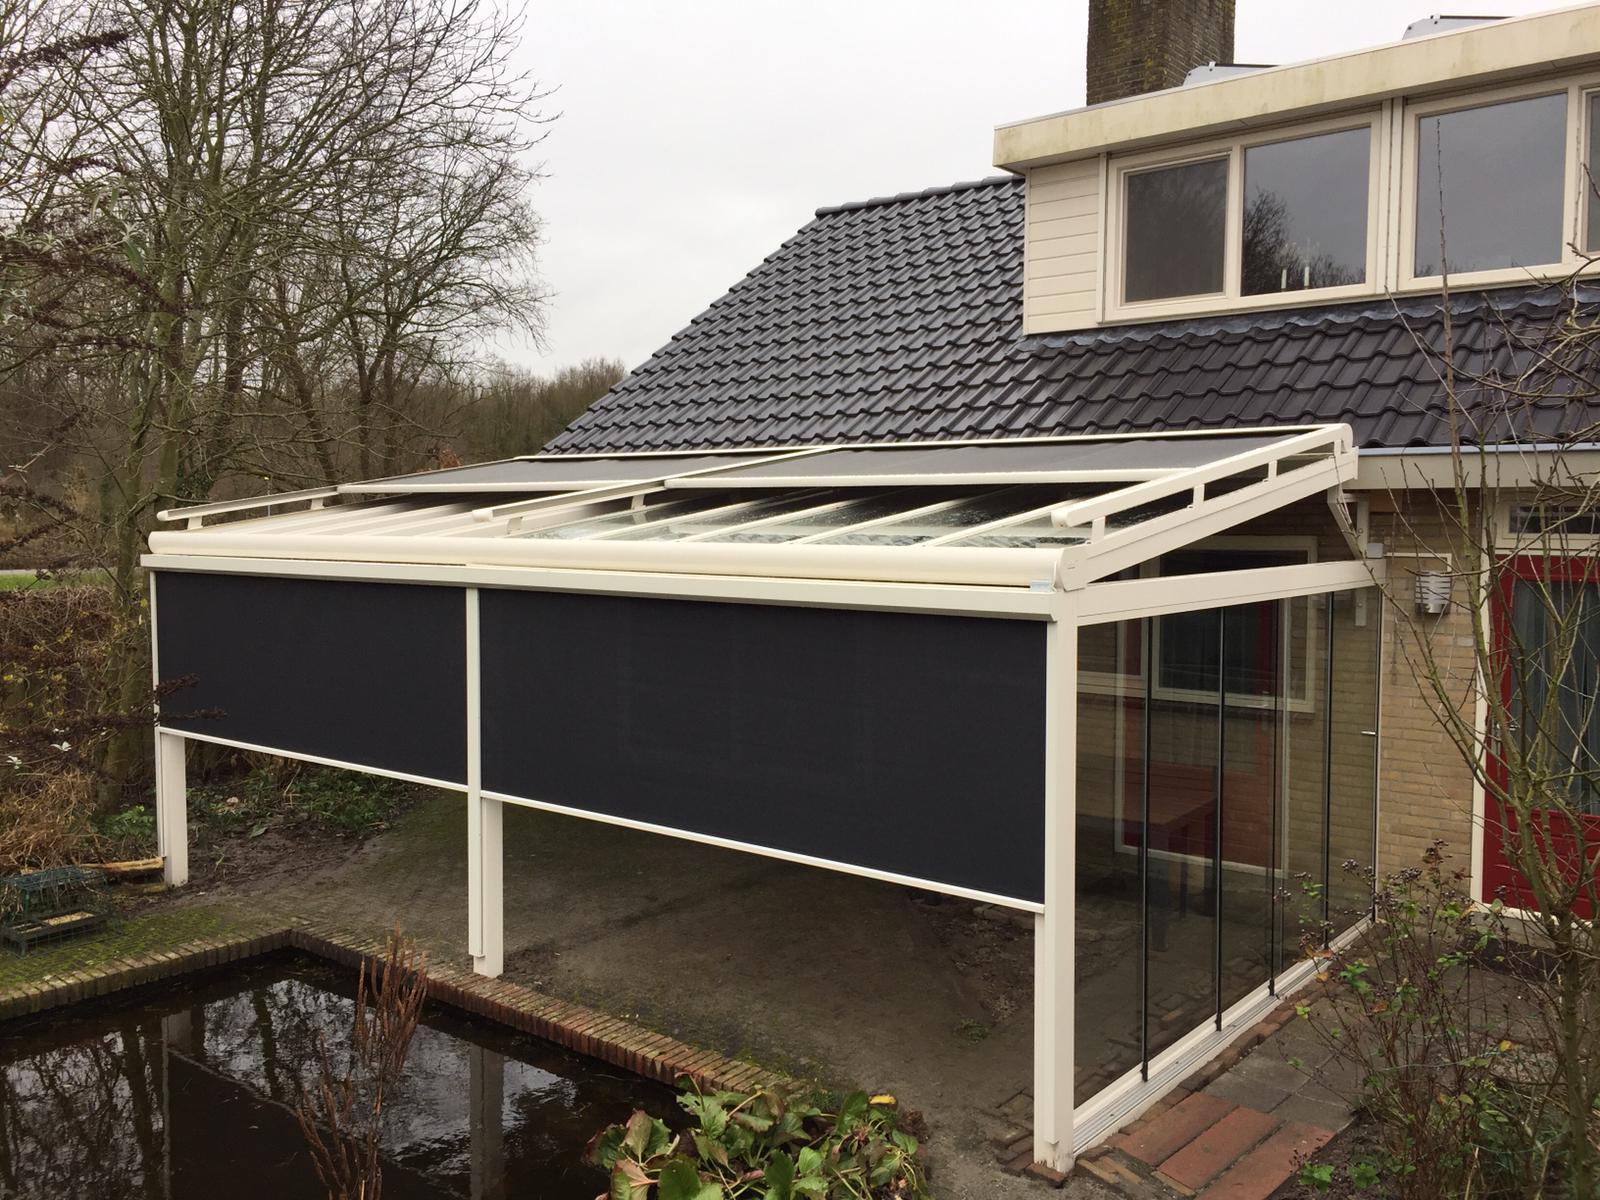 Veranda screens en zipscreens op maat bij Van Ewijk Zonwering in Lelystad Dronten Swifterbant en Almere 01